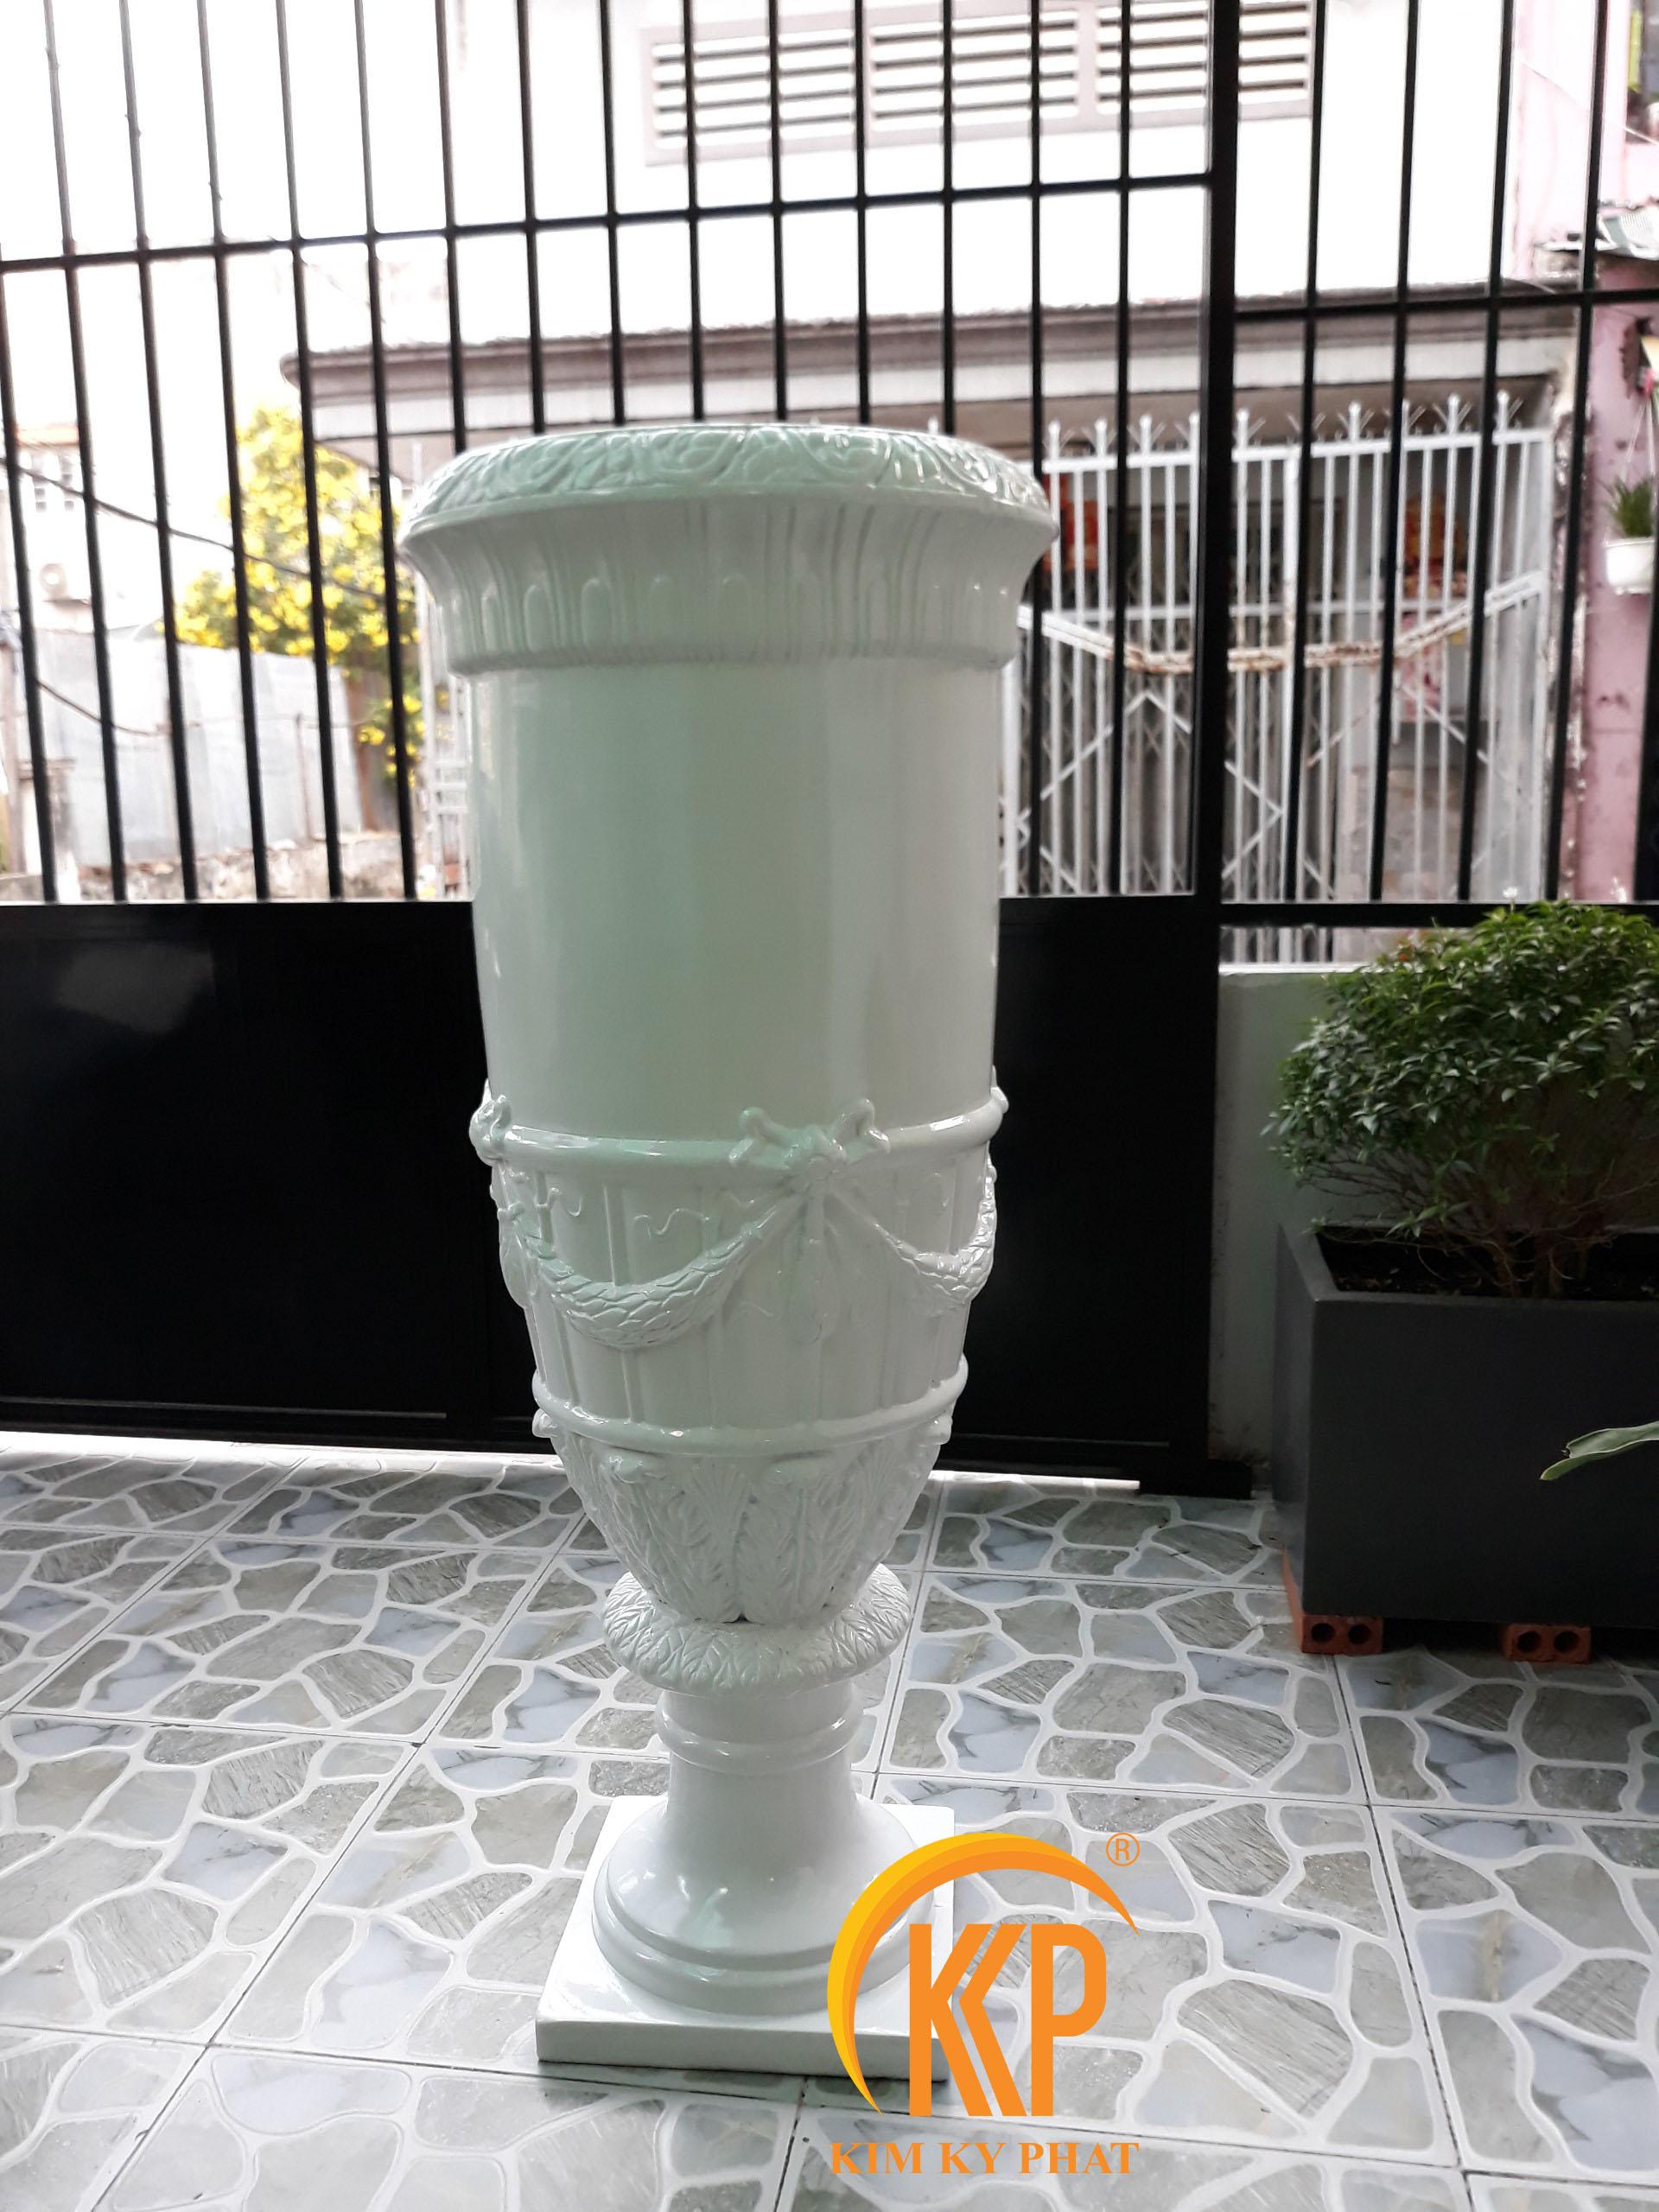 bình hoa composite kkp cao cấp